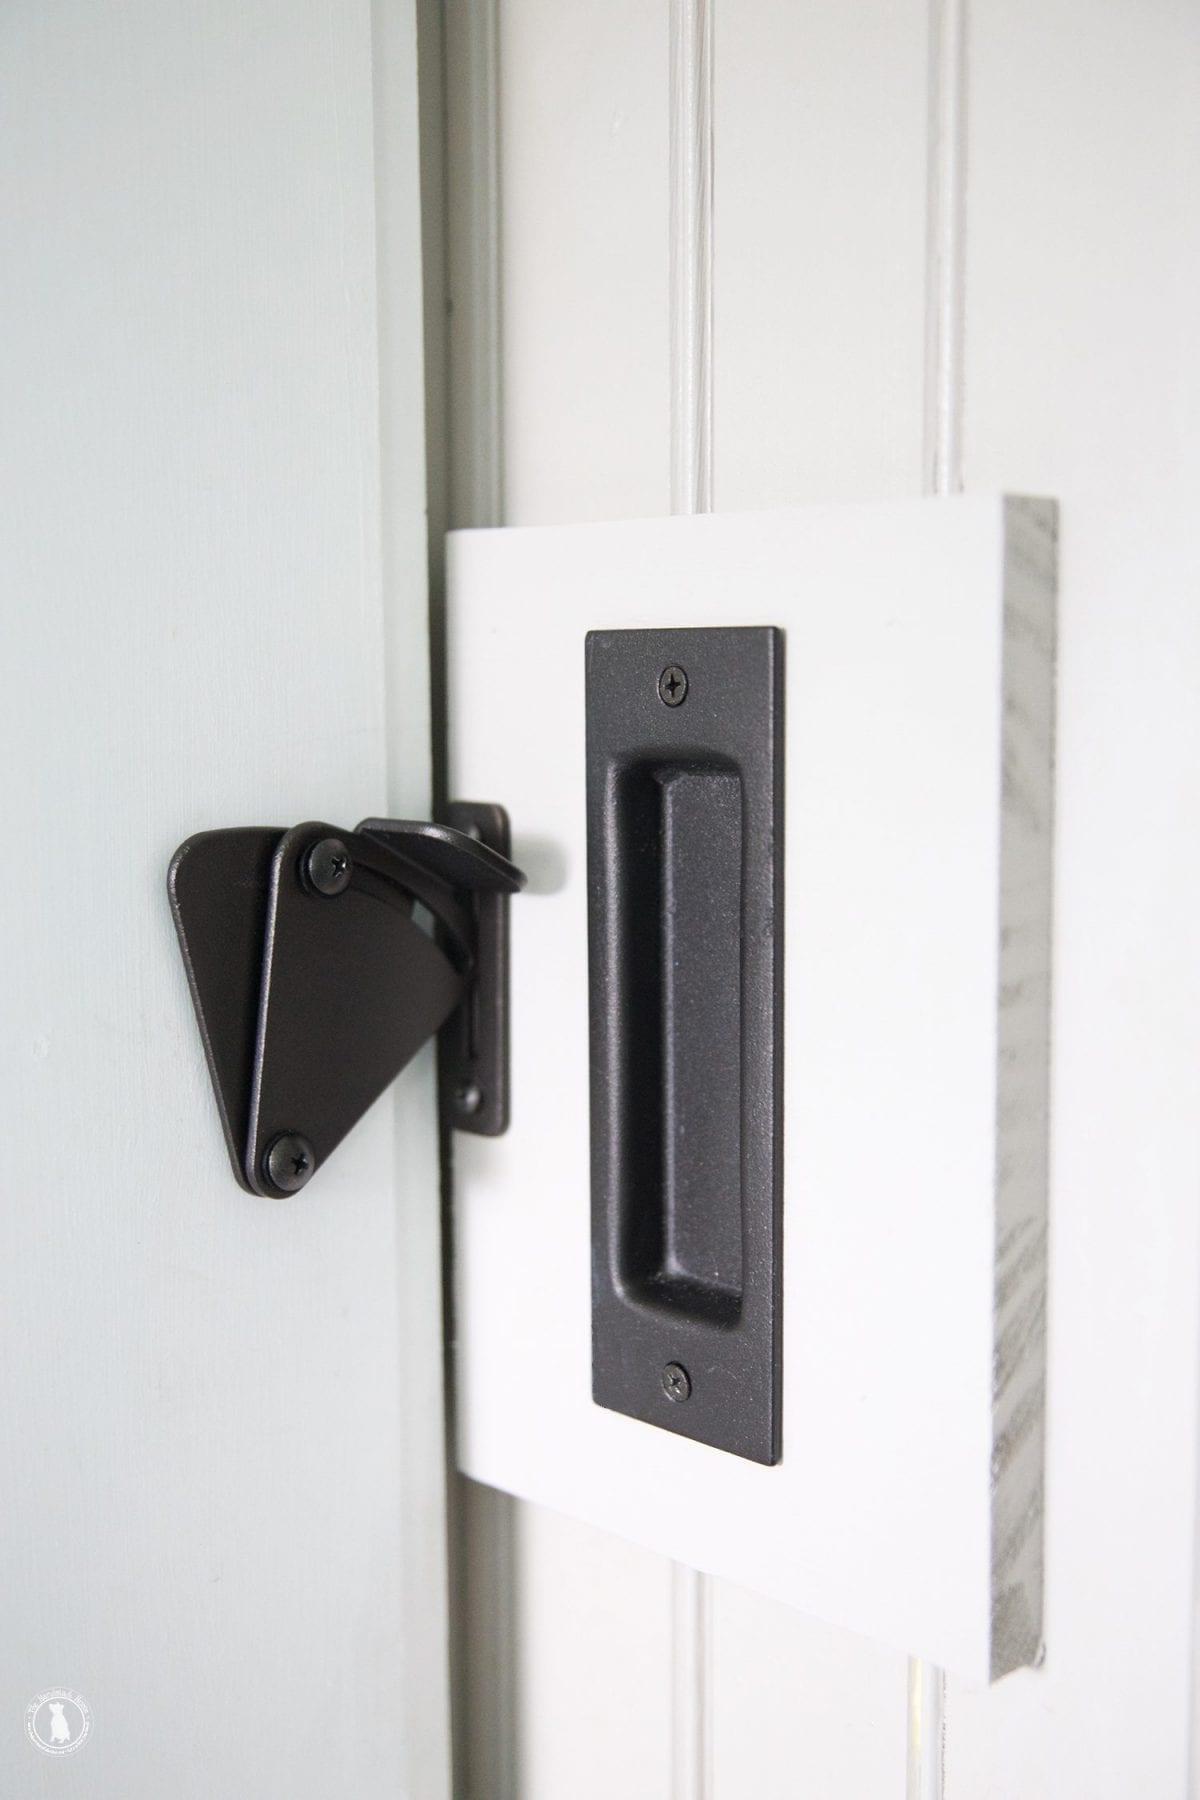 Add A Lock To Barn Door The, Bathroom Sliding Barn Door Lock